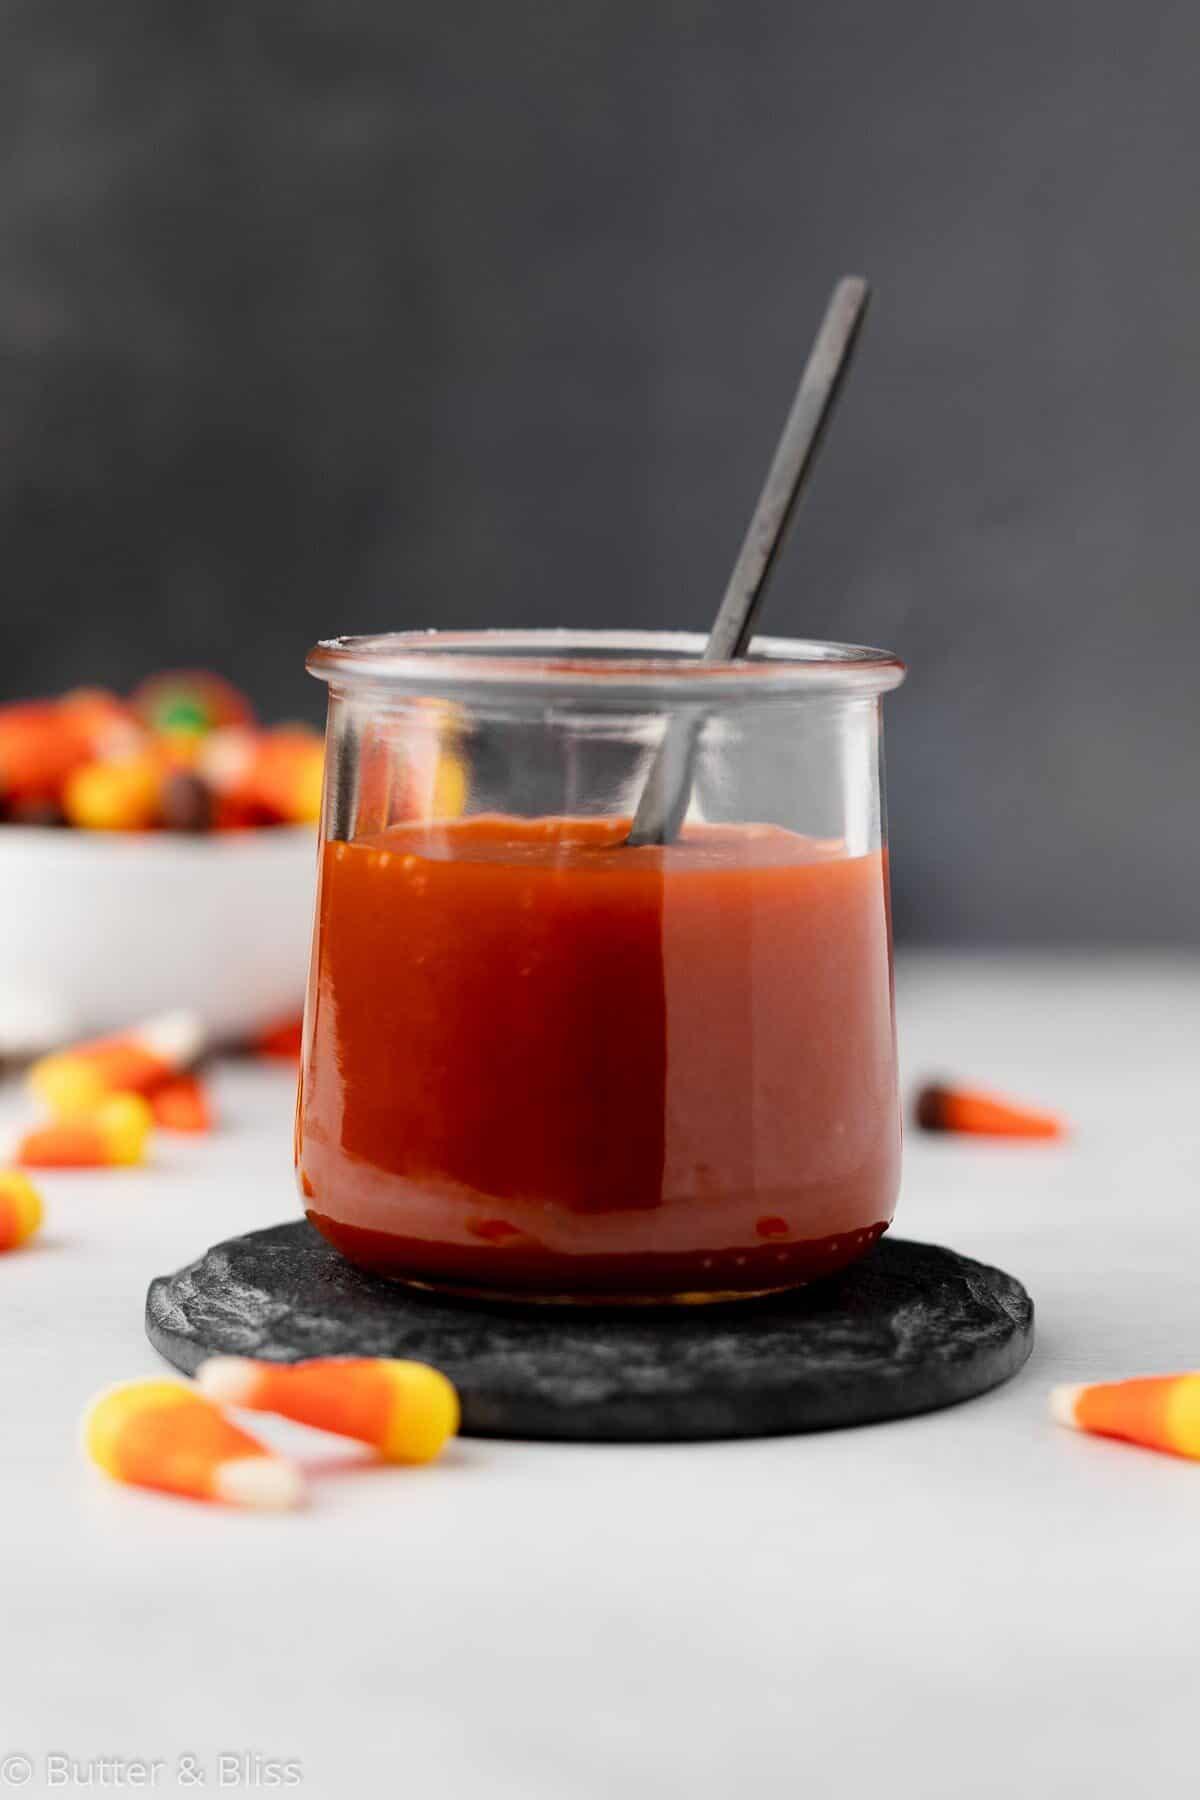 Candy corn caramel sauce in a small jar